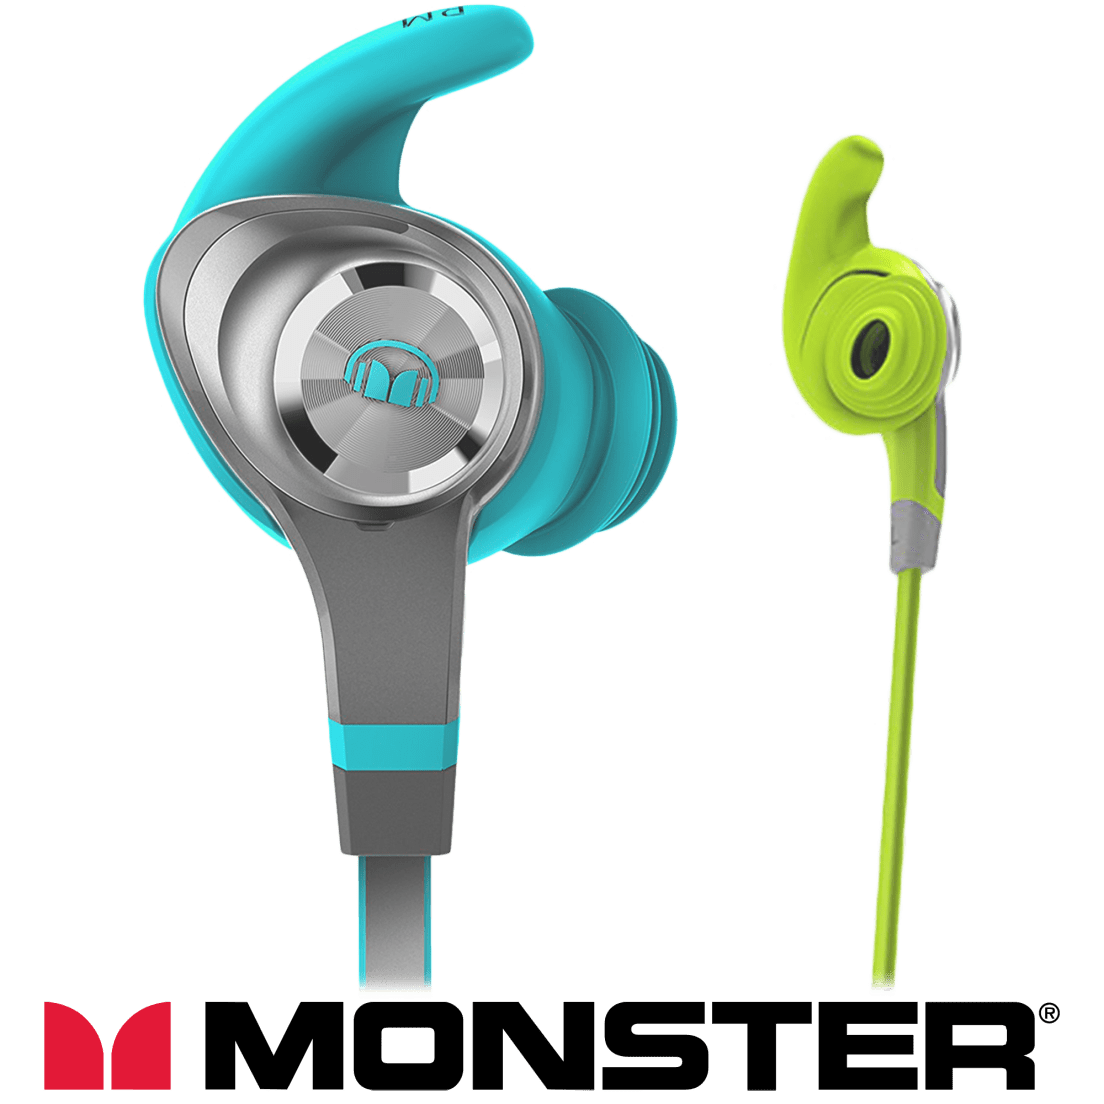 68601d80bab Monster iSport Intensity In-Ear Wireless Sports Earbuds (Certified  Refurbished)